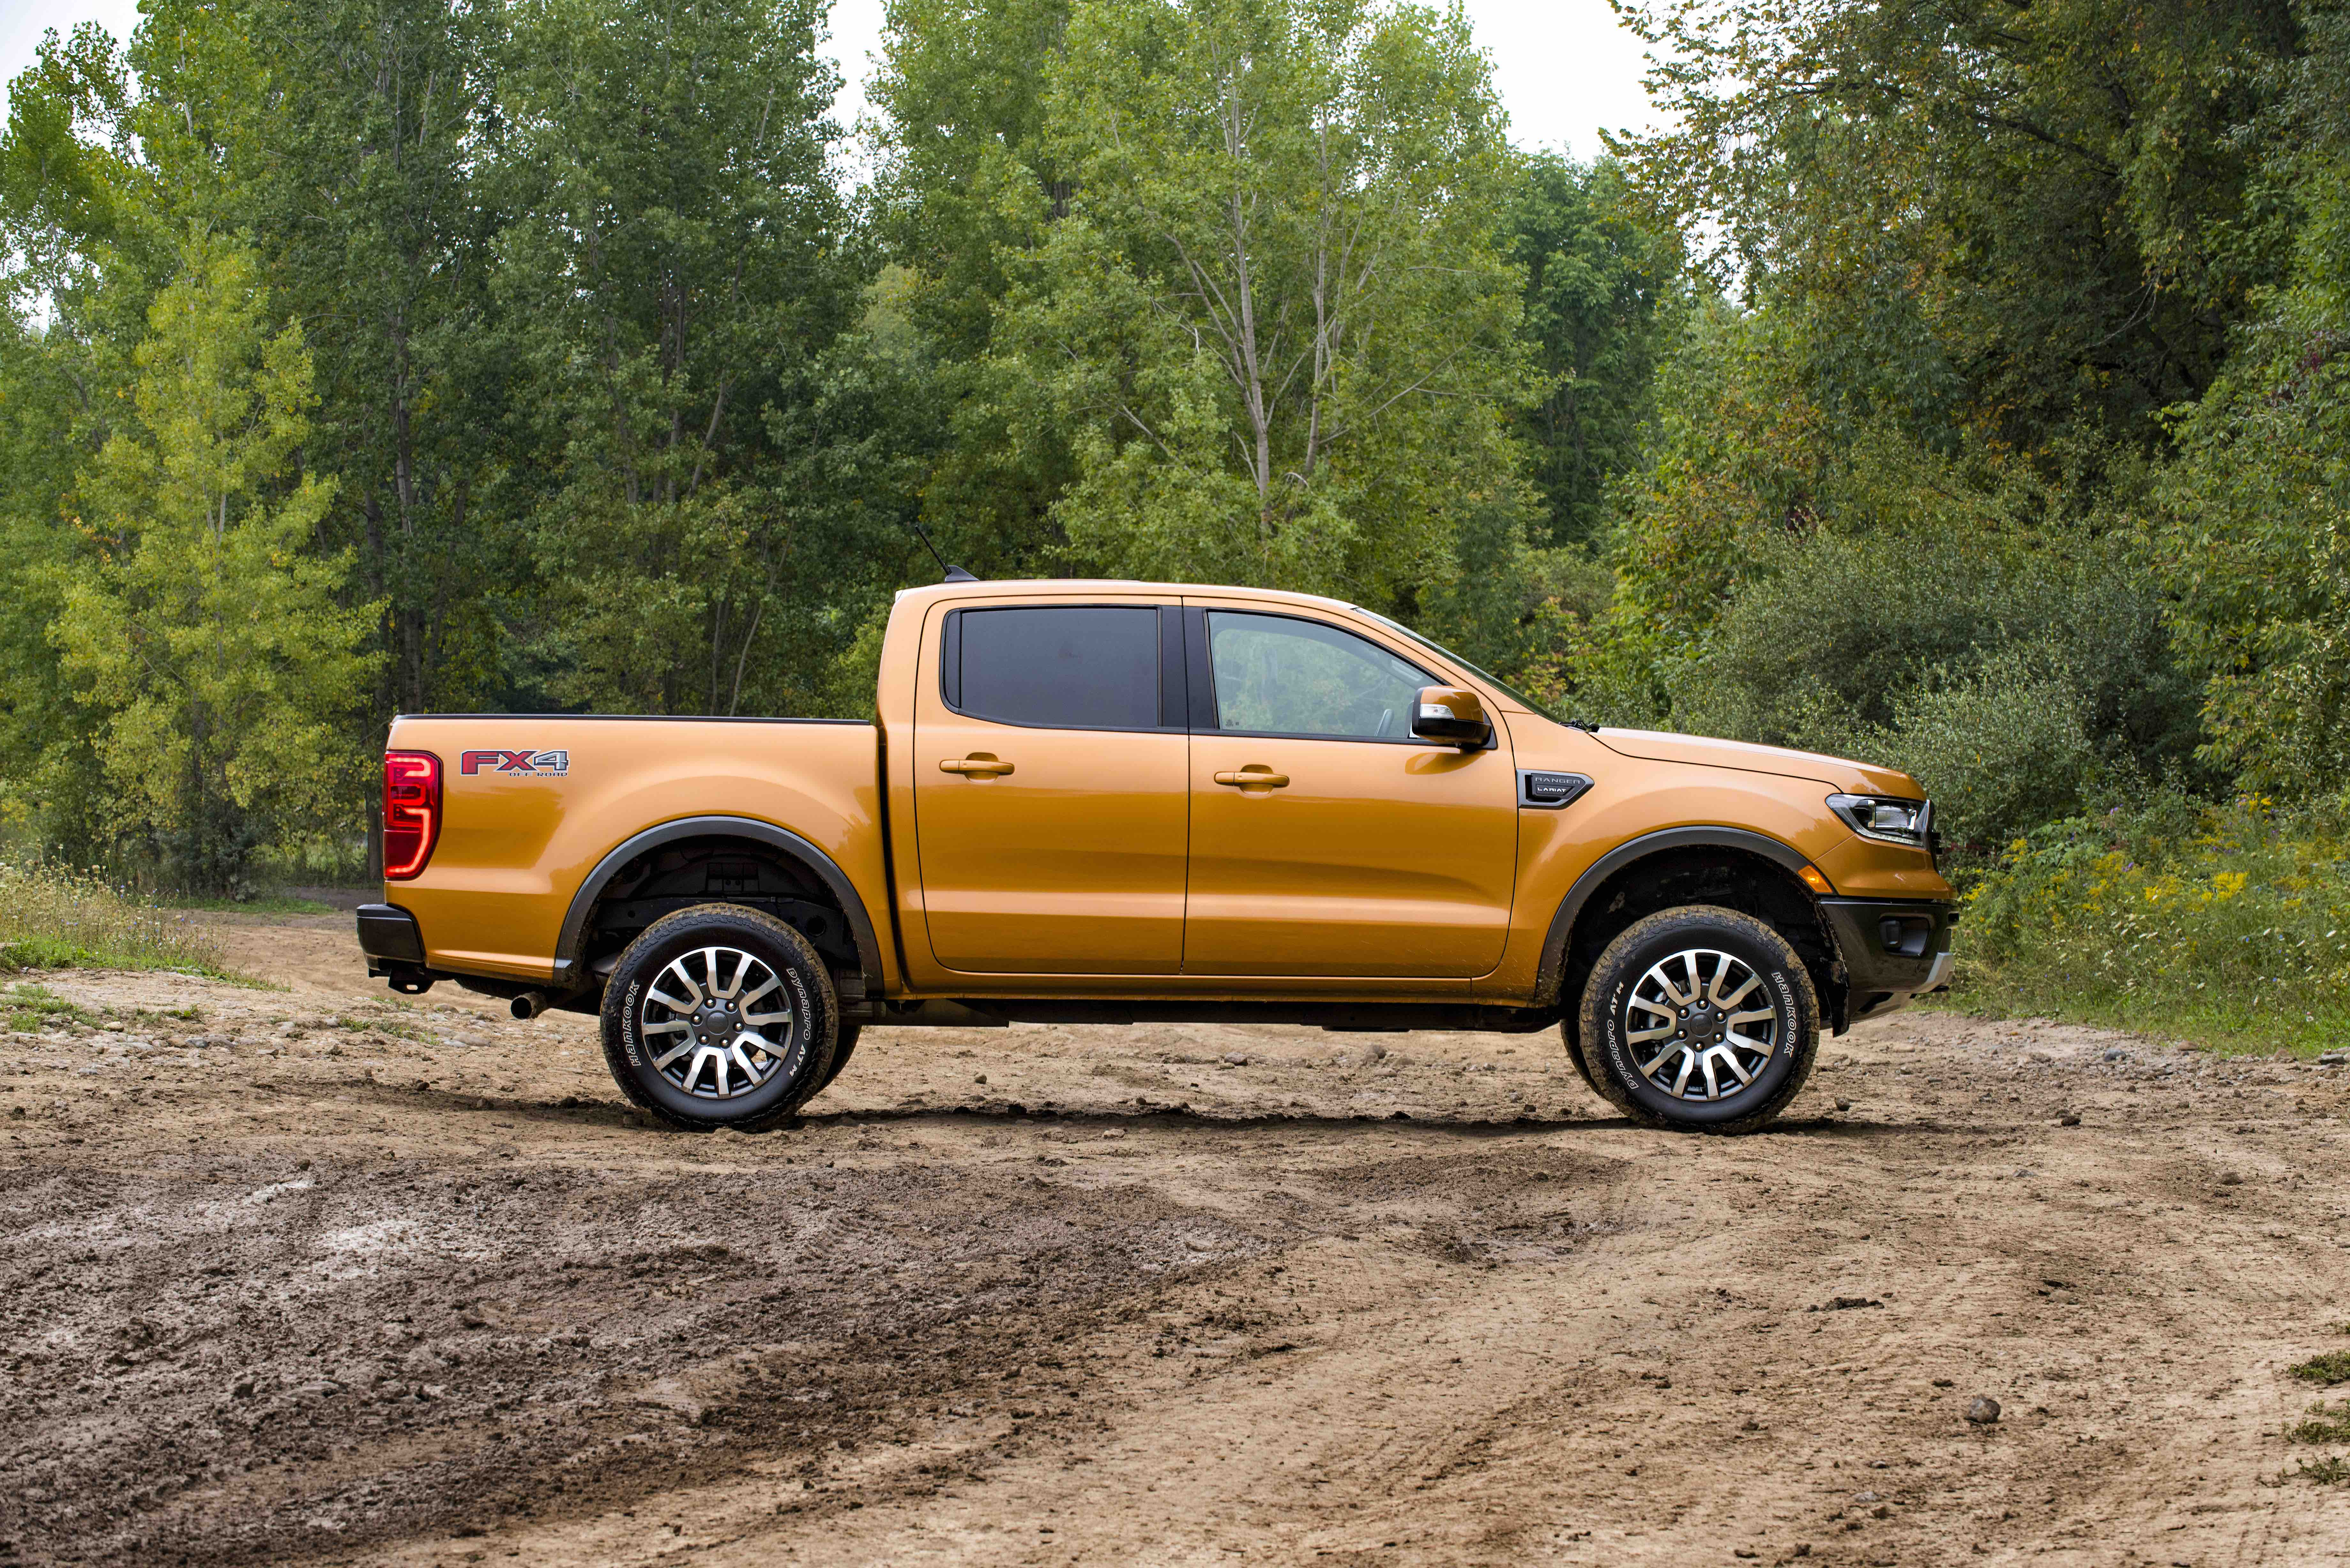 2019 Ford Ranger lift kit